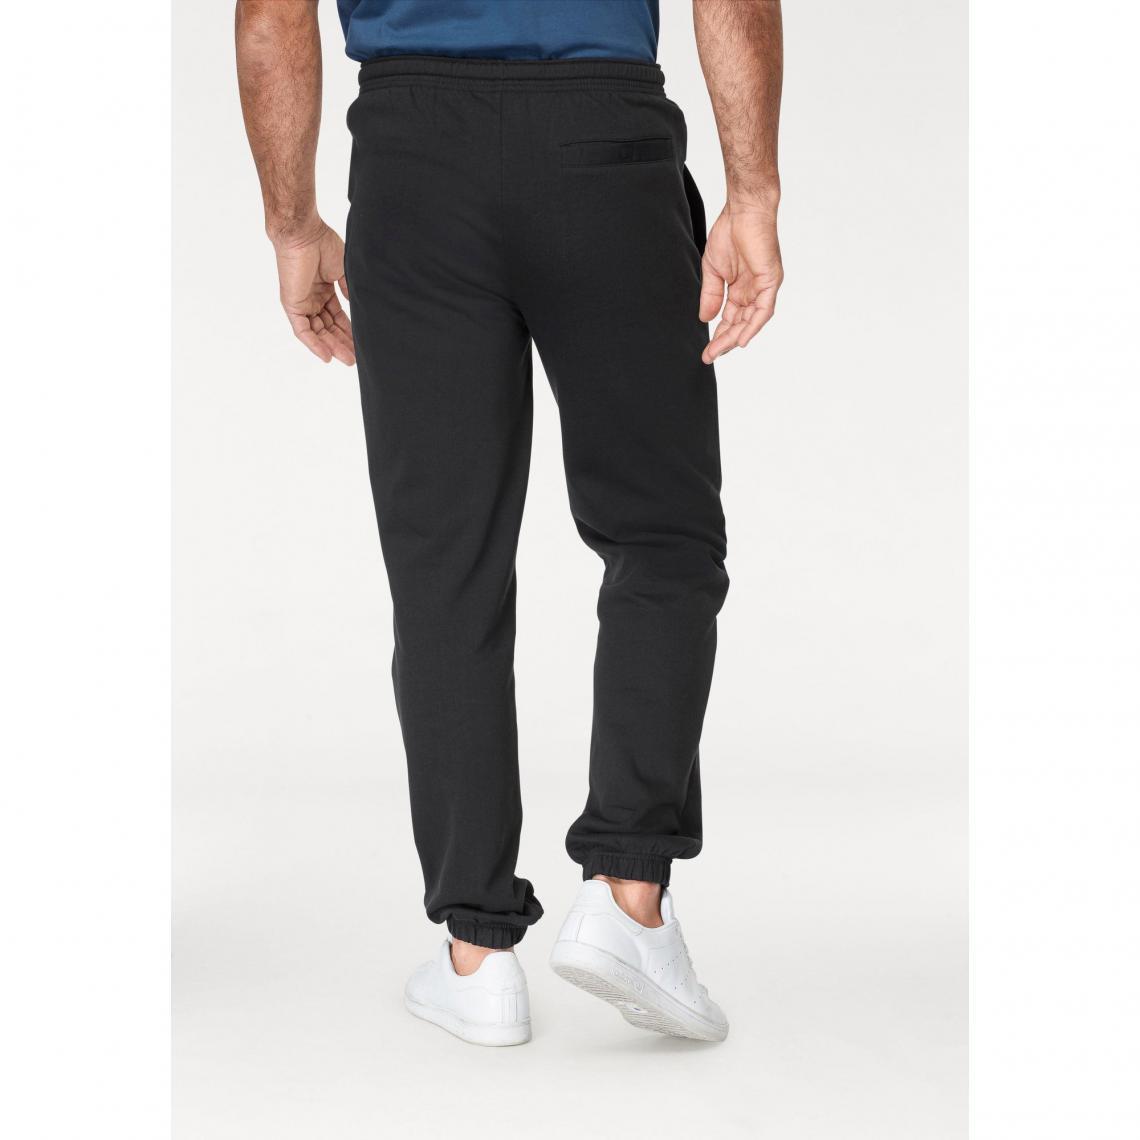 4fed7c4142378 Vêtements de sport Man s World Cliquez l image pour l agrandir. Pantalon de  jogging taille élastiquée homme Man s World - Noir ...